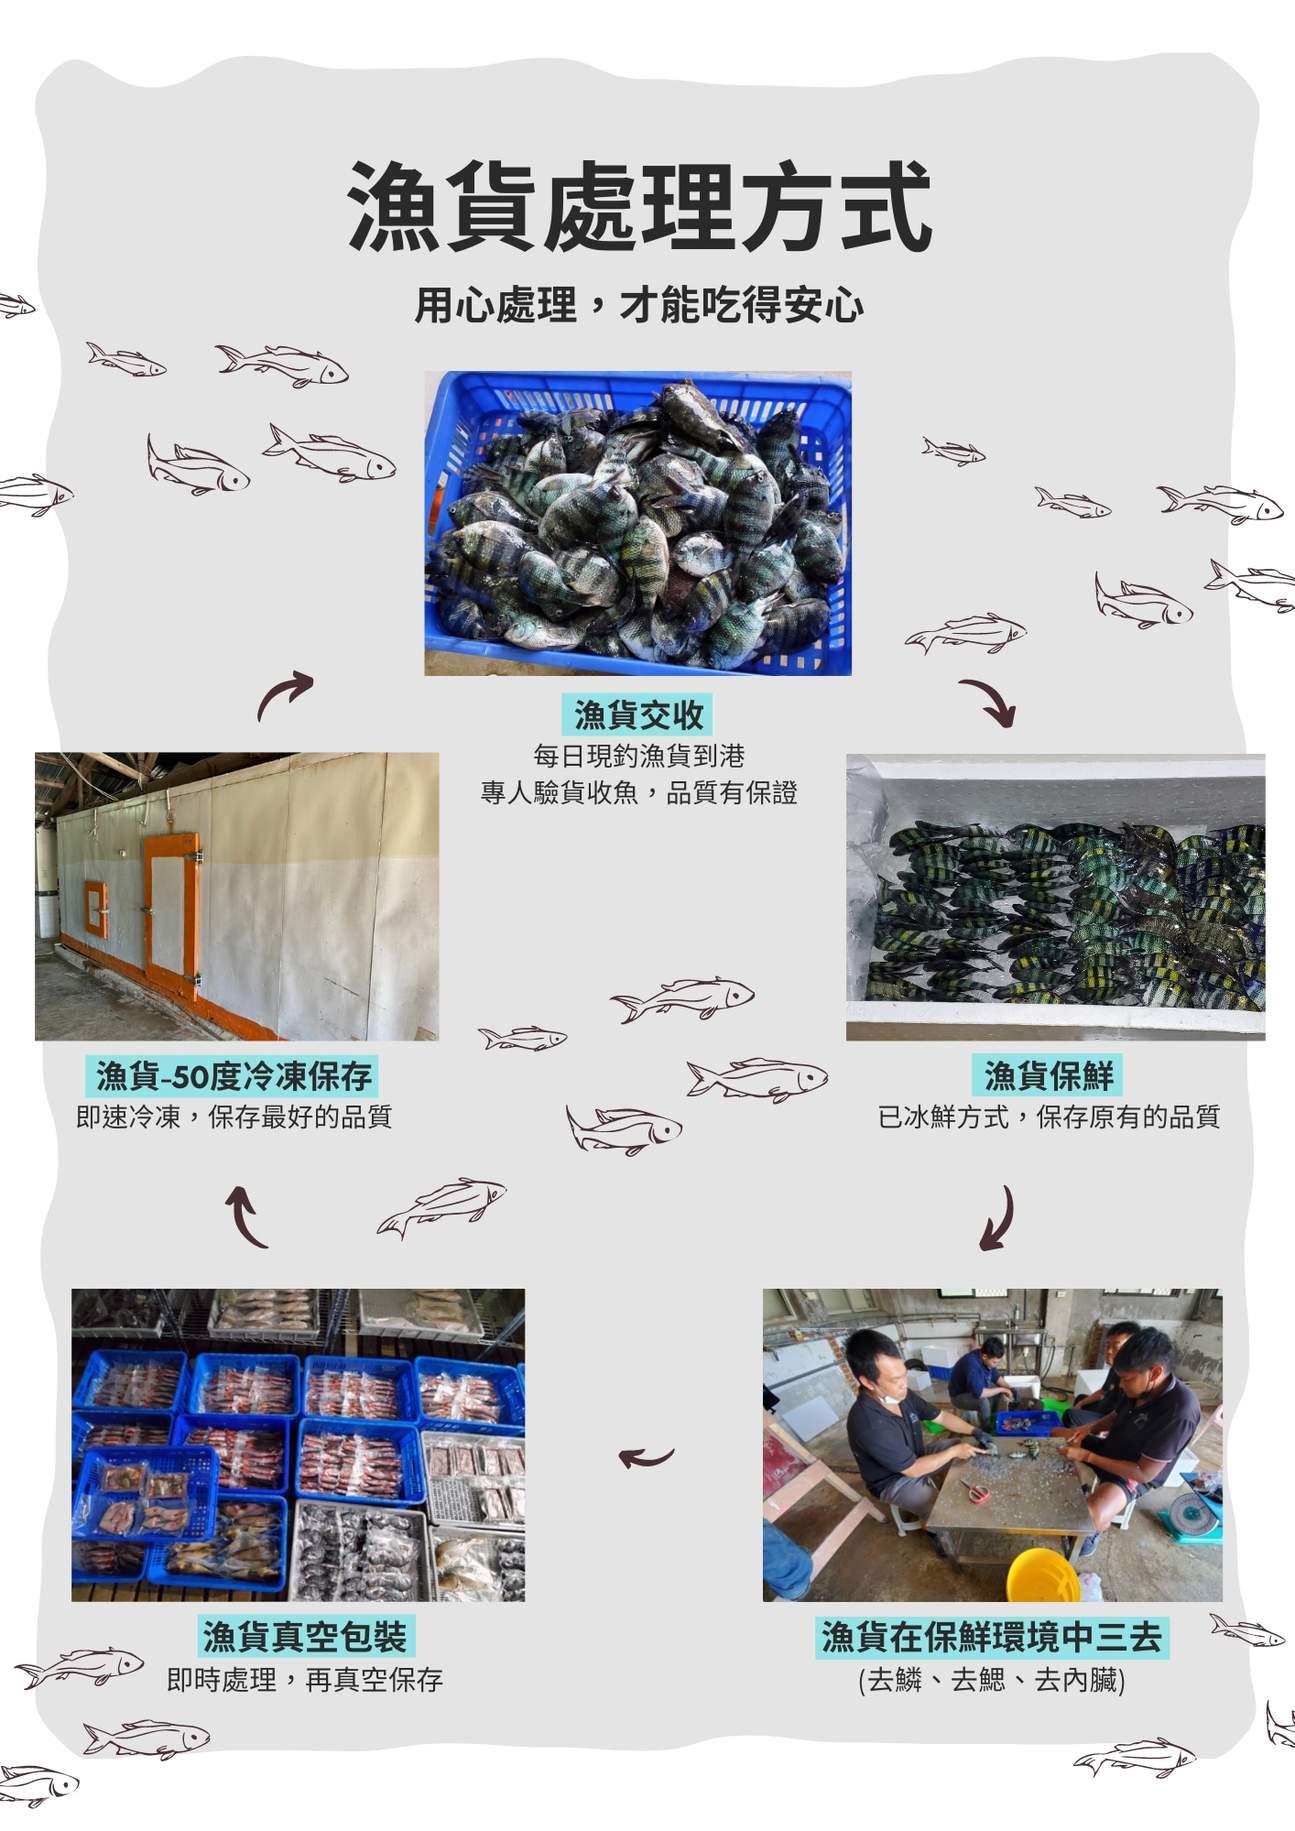 漁貨處理方式